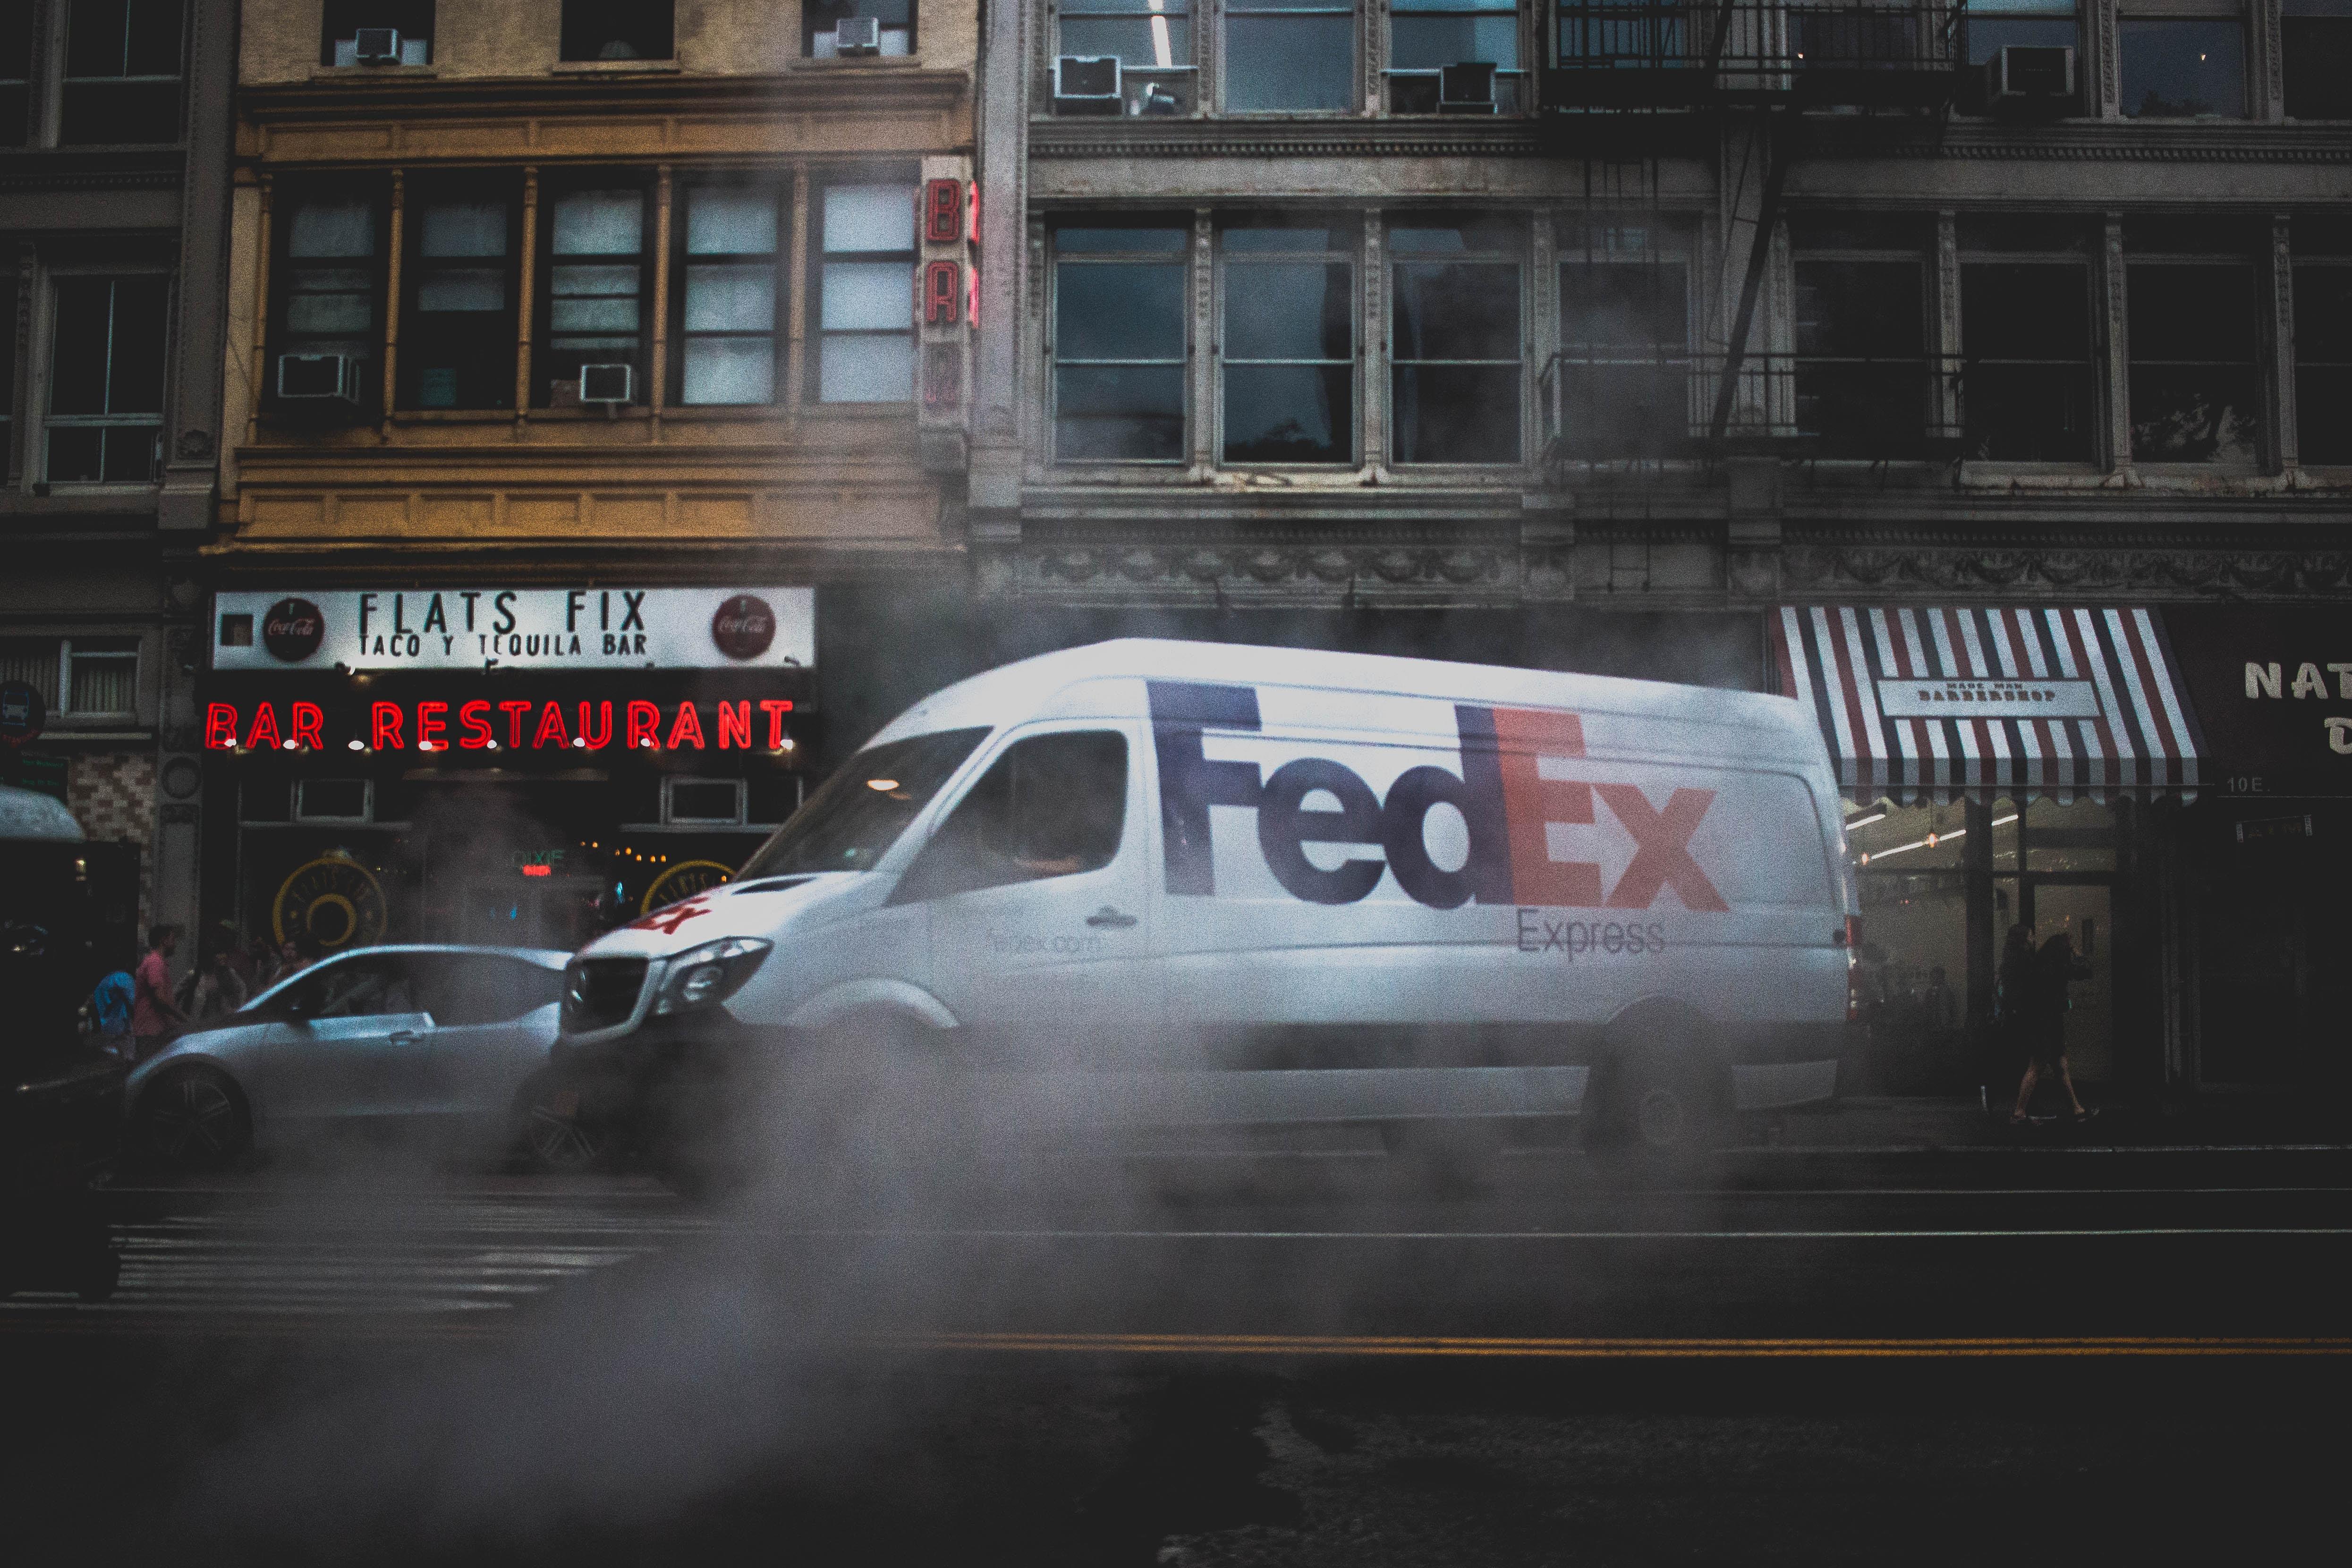 fed ex huawei 758x505 - FedEx sues U.S Commerce Department over Huawei mandate